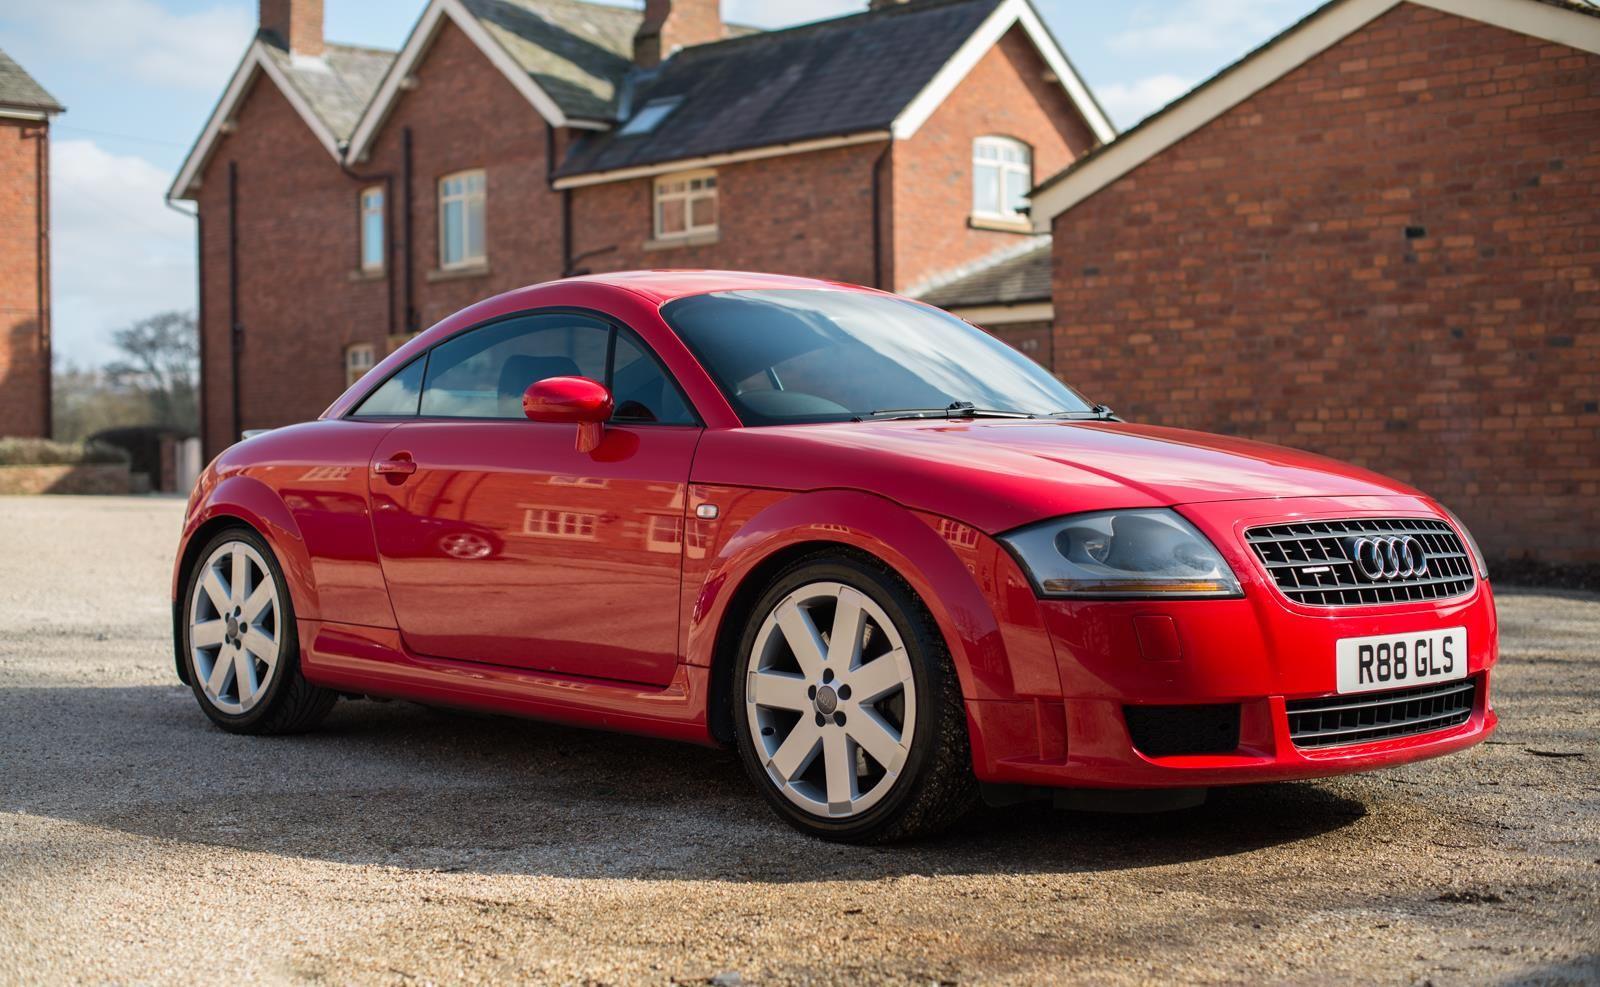 Kelebihan Kekurangan Audi Tt 2004 Perbandingan Harga